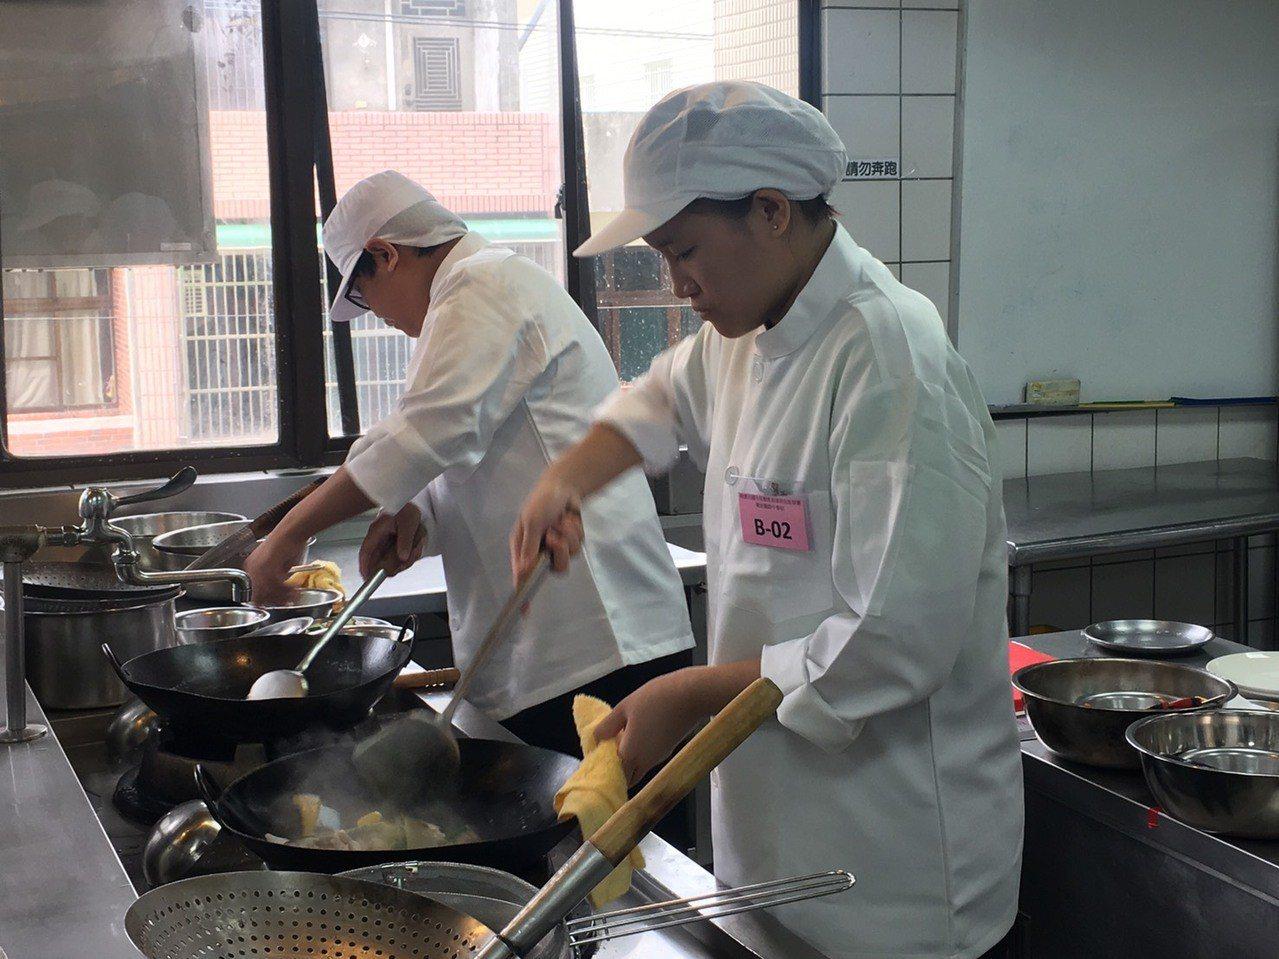 桃園市國中技藝教育競賽選手要像主廚般獨自完成料理。記者鄭國樑/攝影